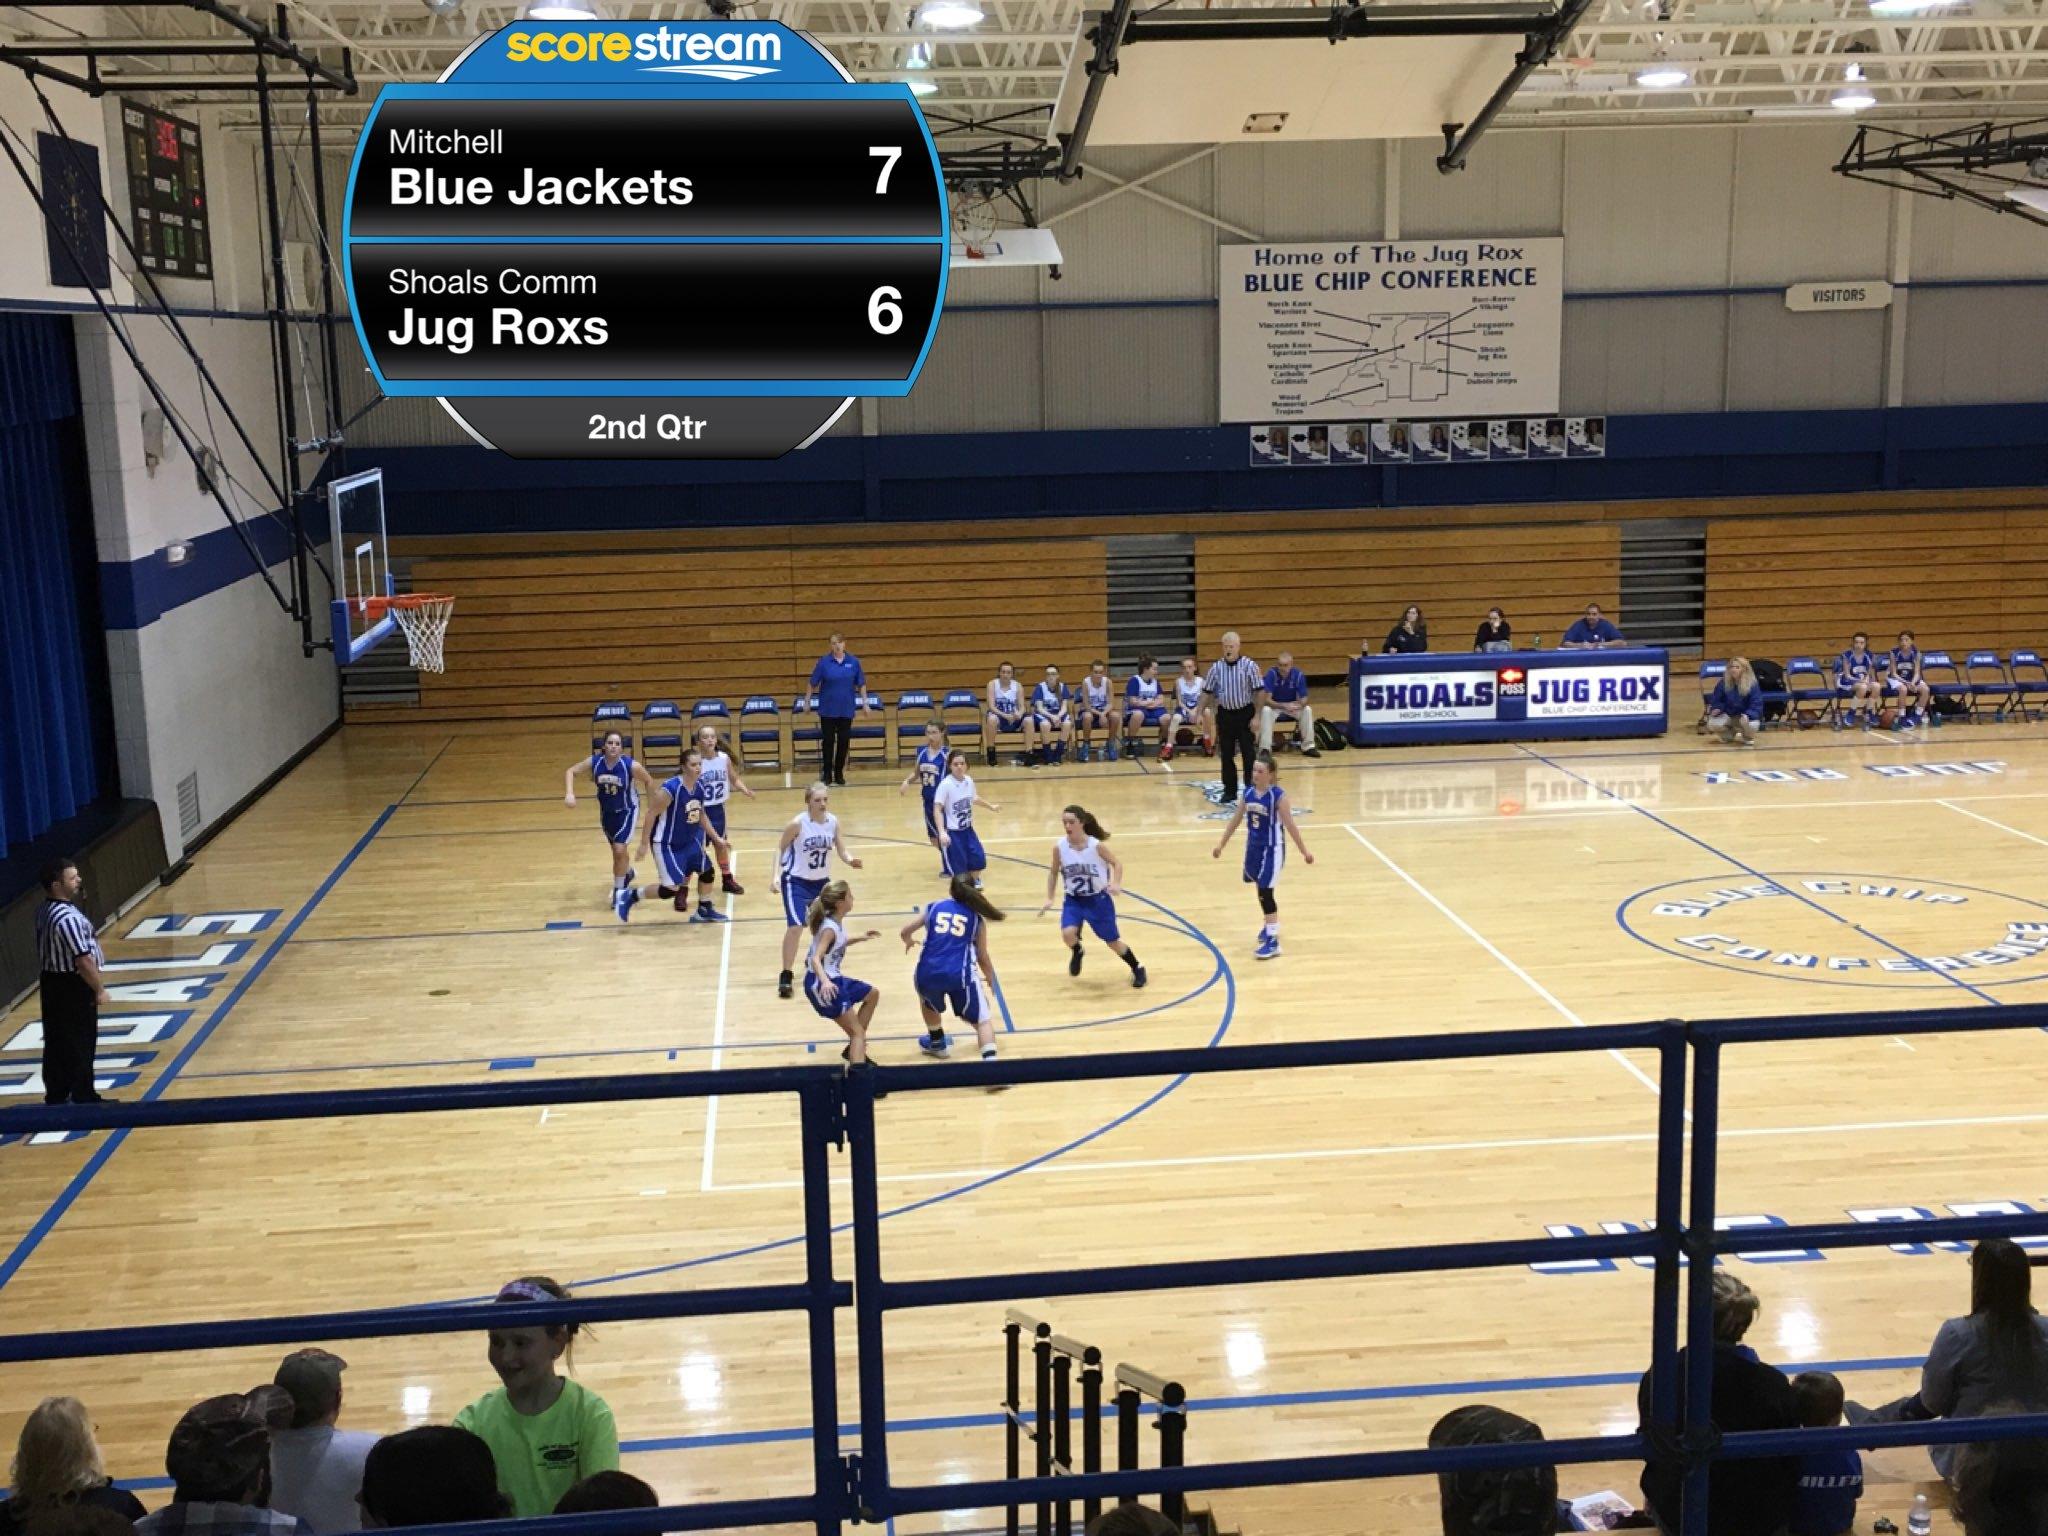 Mitchell High School Blue Jackets - Mitchell, IN - ScoreStream